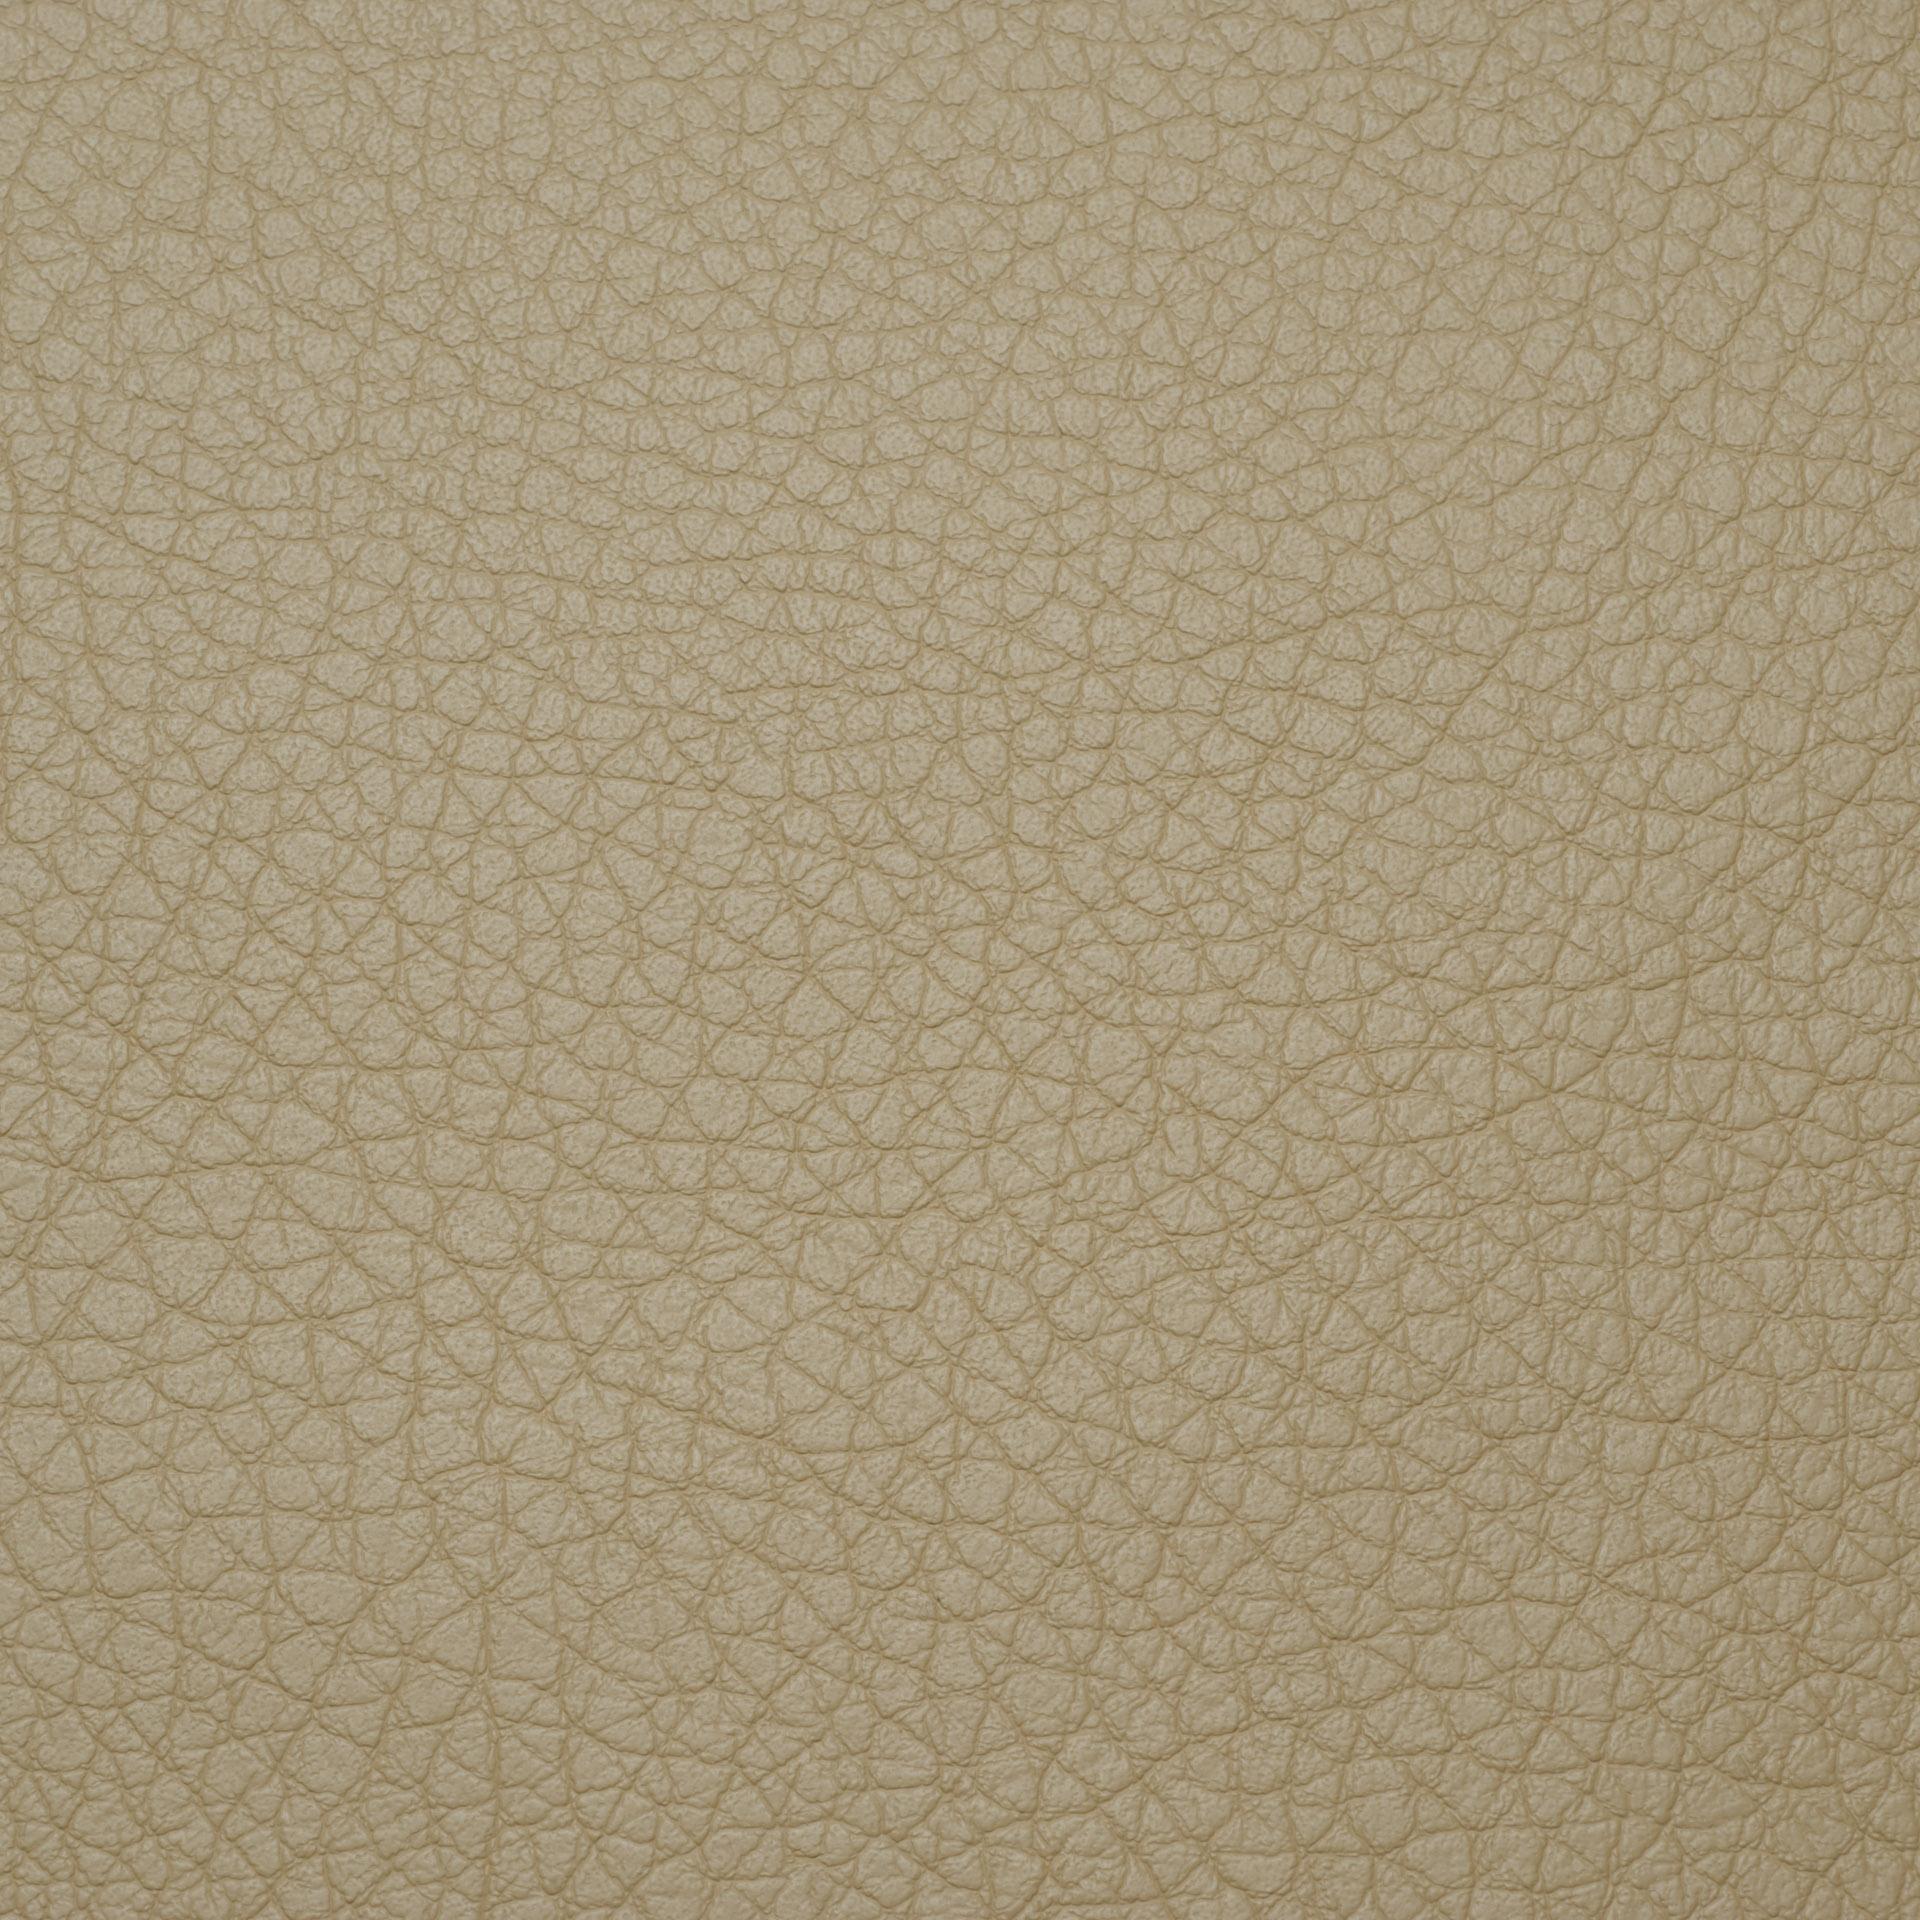 Коллекция ткани Софитель 10 Soft Beige,  купить ткань Кож зам для мебели Украина